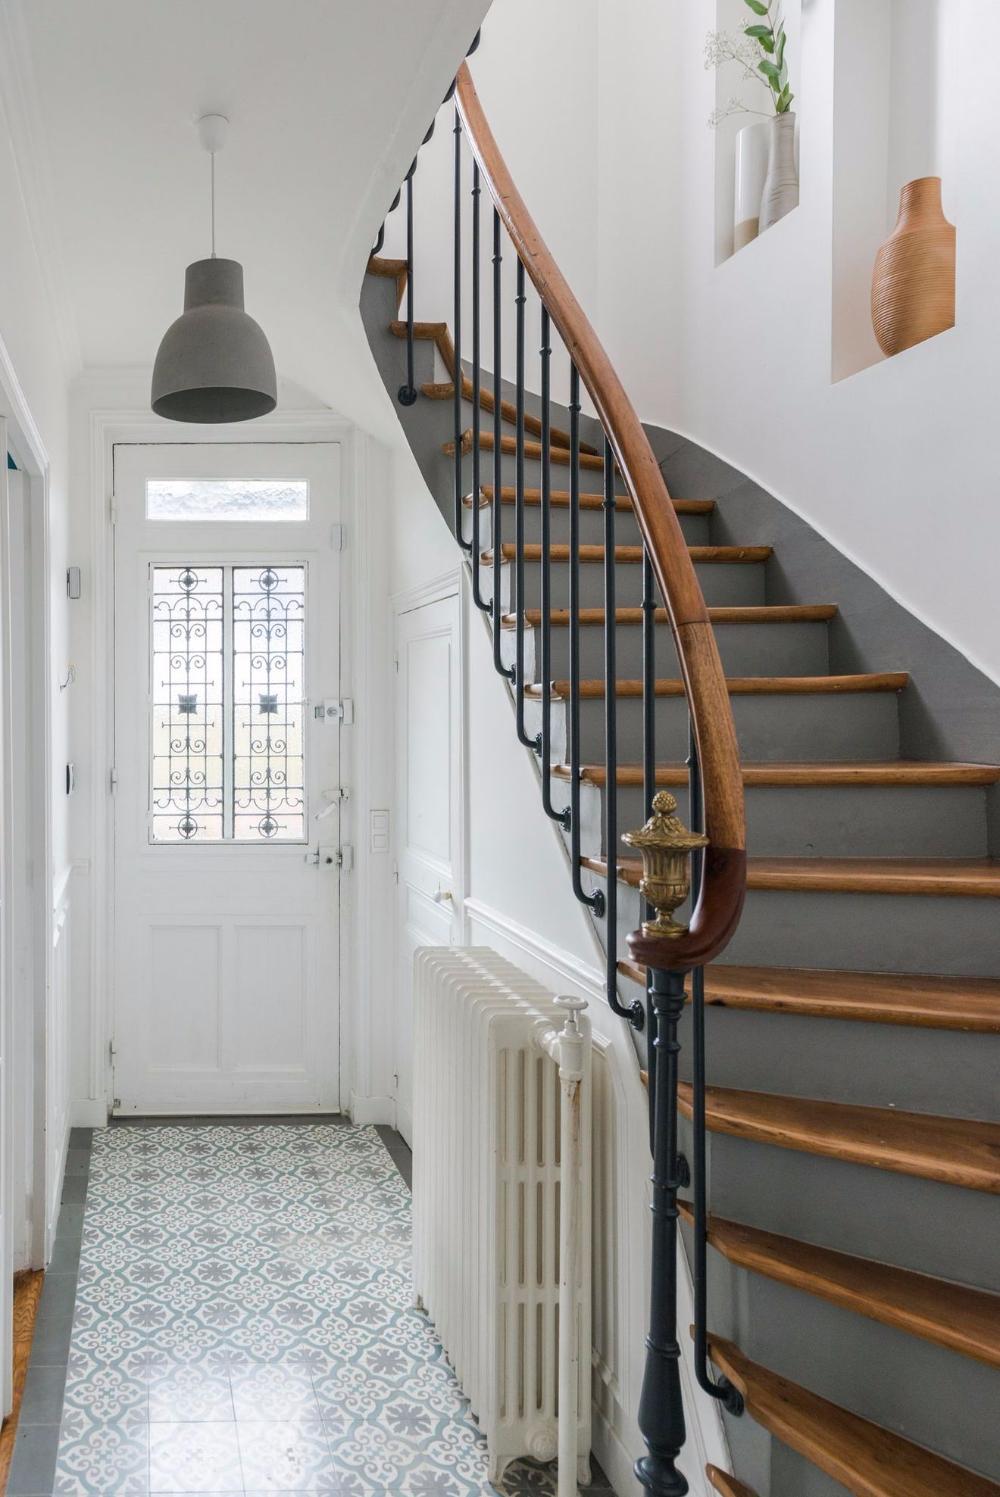 Maison yvelines : rénovation d'une meulière 19e pour une famille